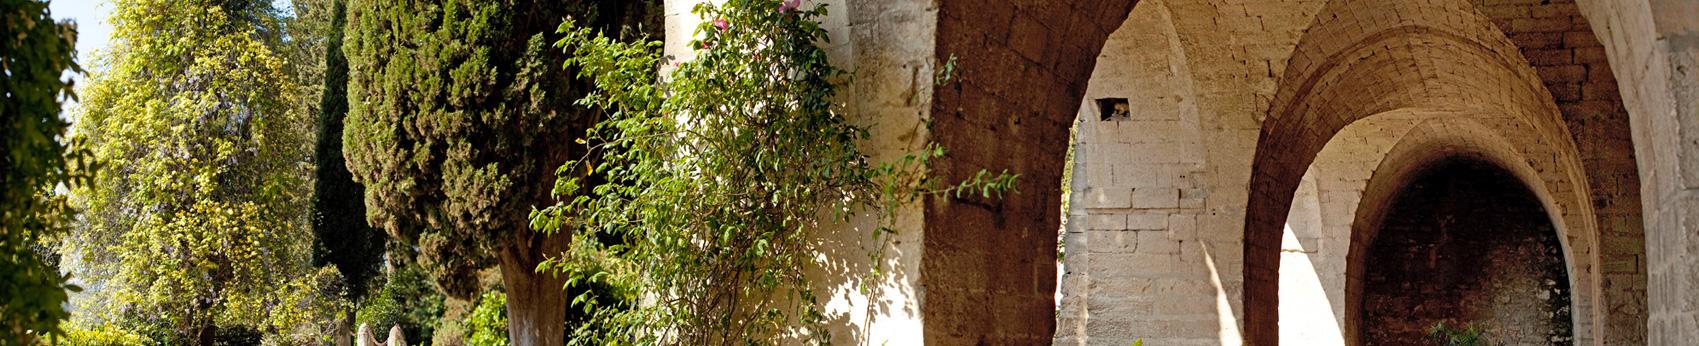 abbaye-saint-andre-slide2